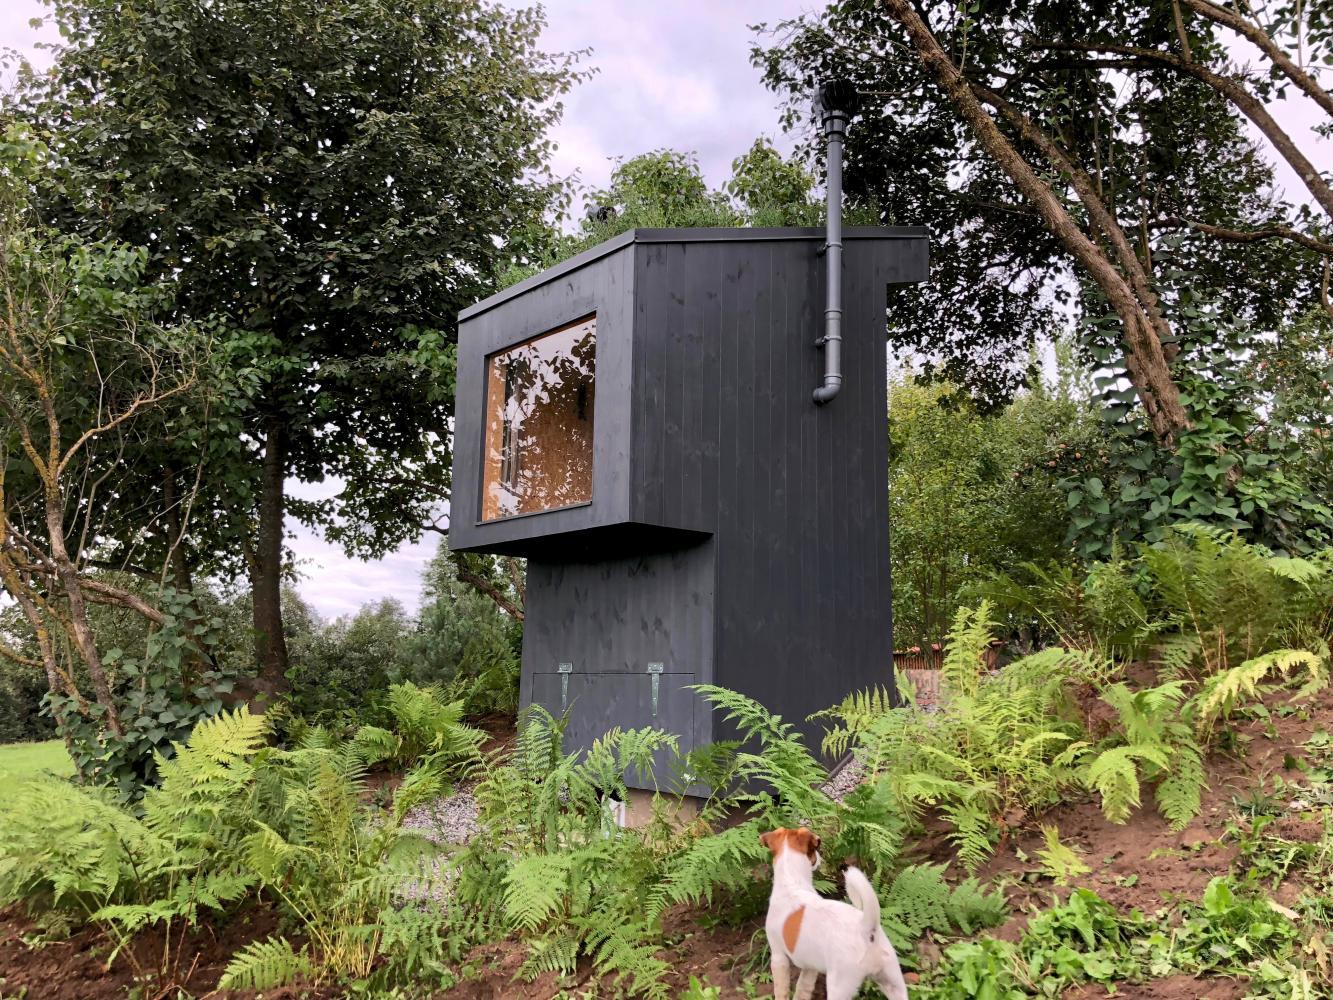 人間の排泄物が堆肥になるシステムが搭載された小さな家のようなトイレ(ラトビア)